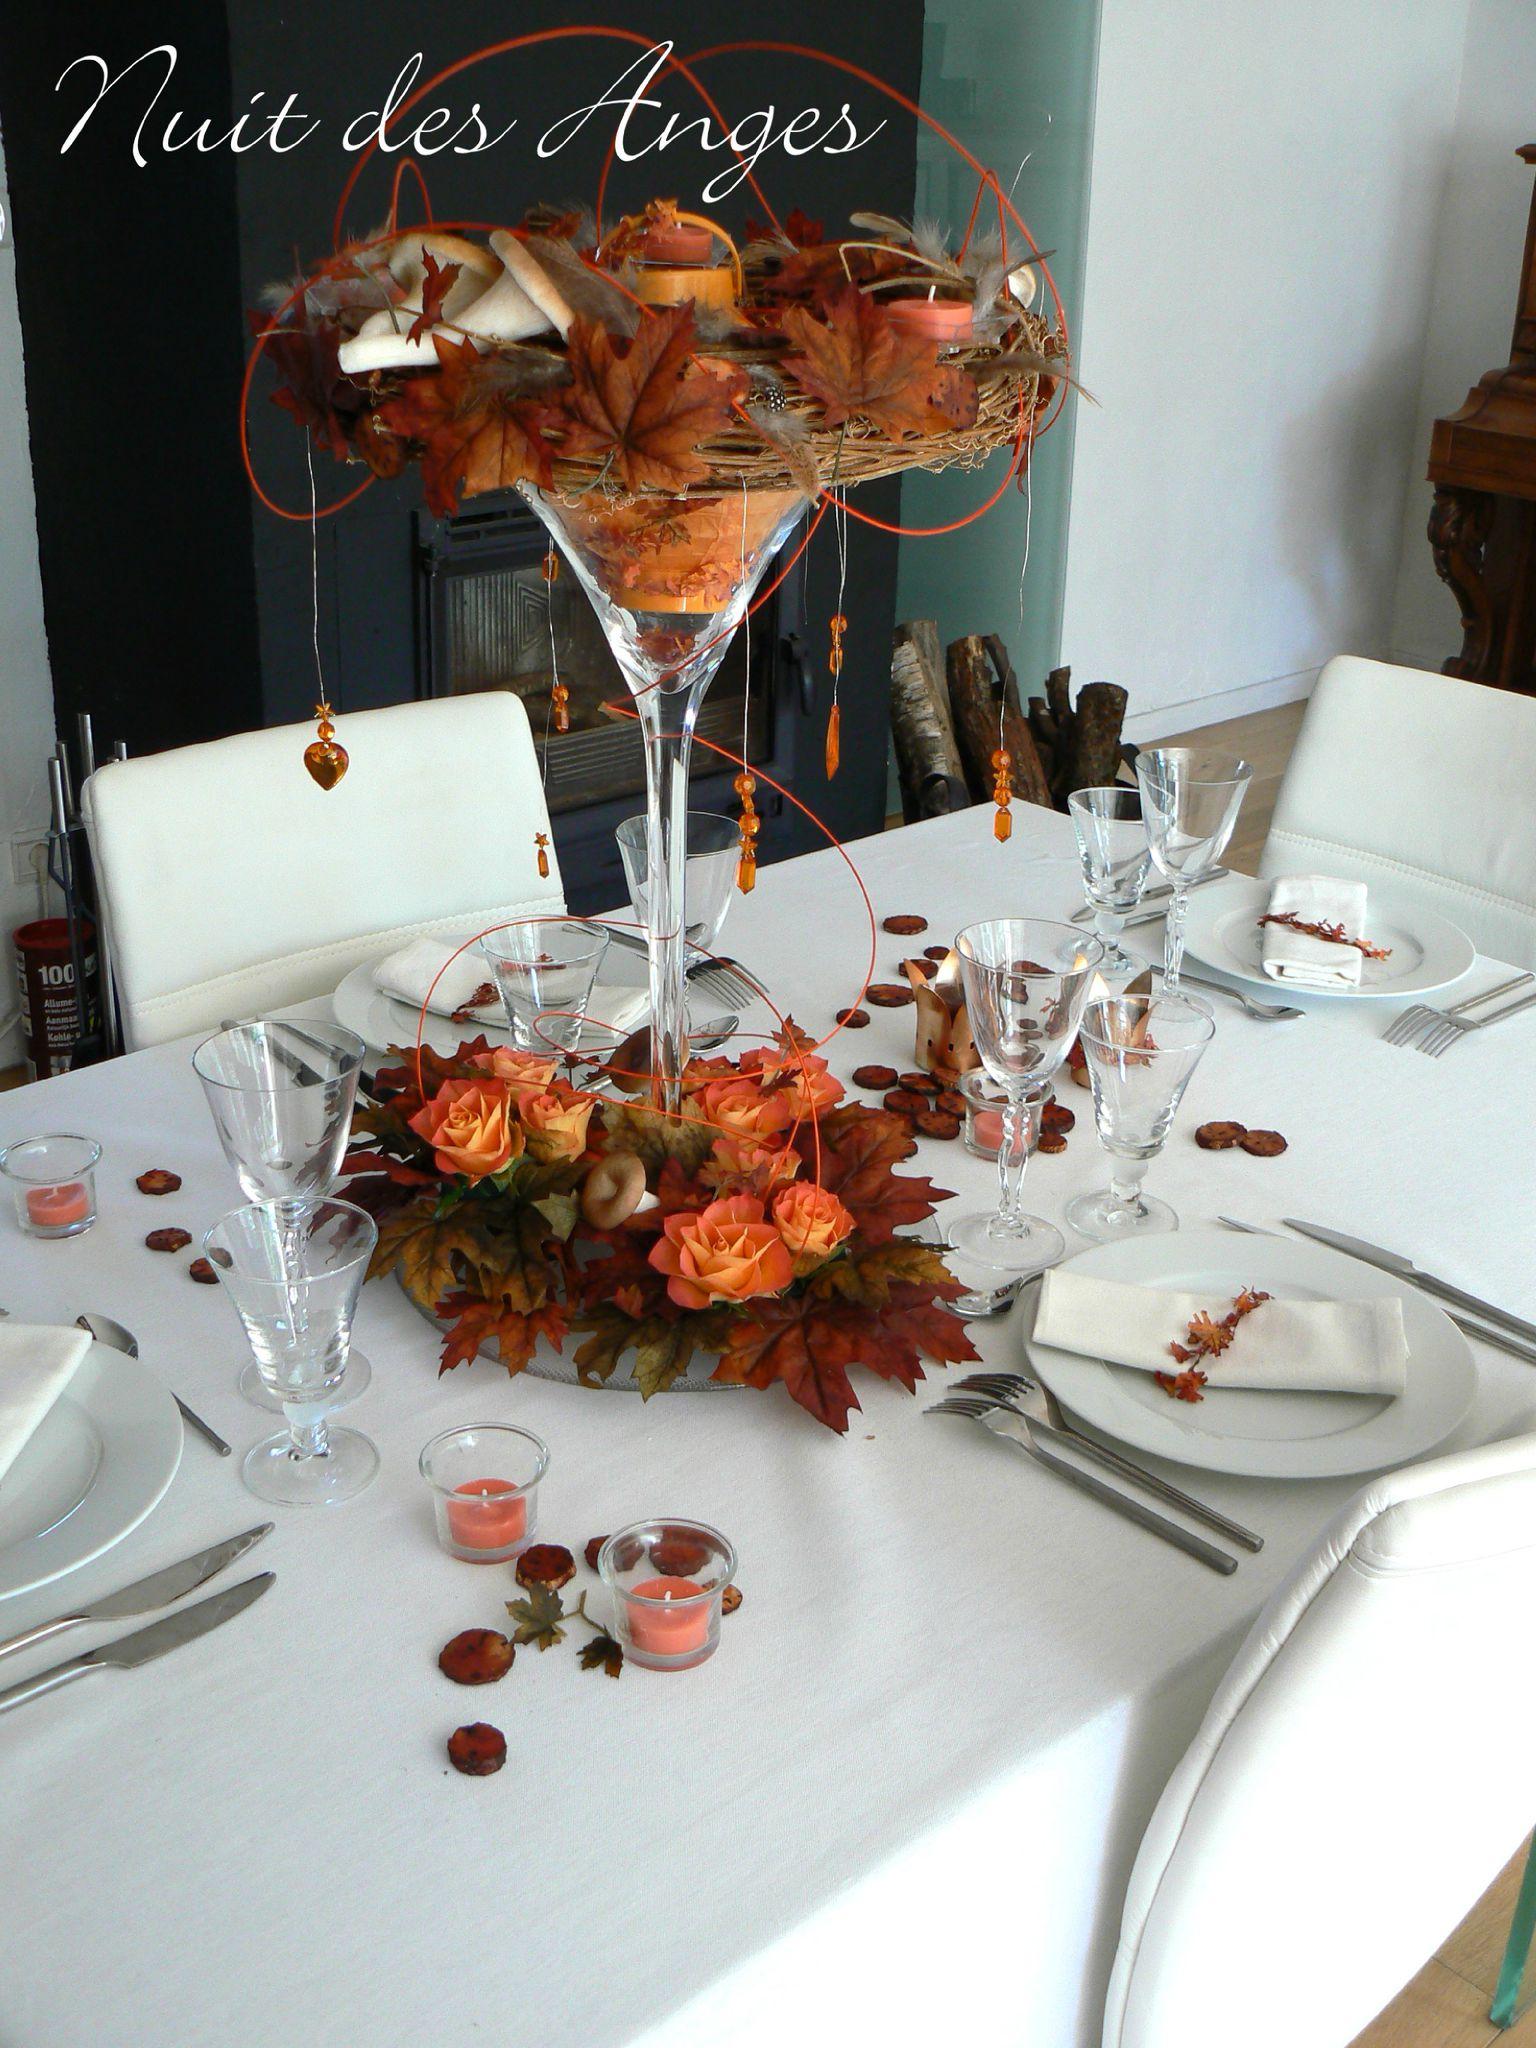 Dcoration De Table Automne Nuit Des Anges